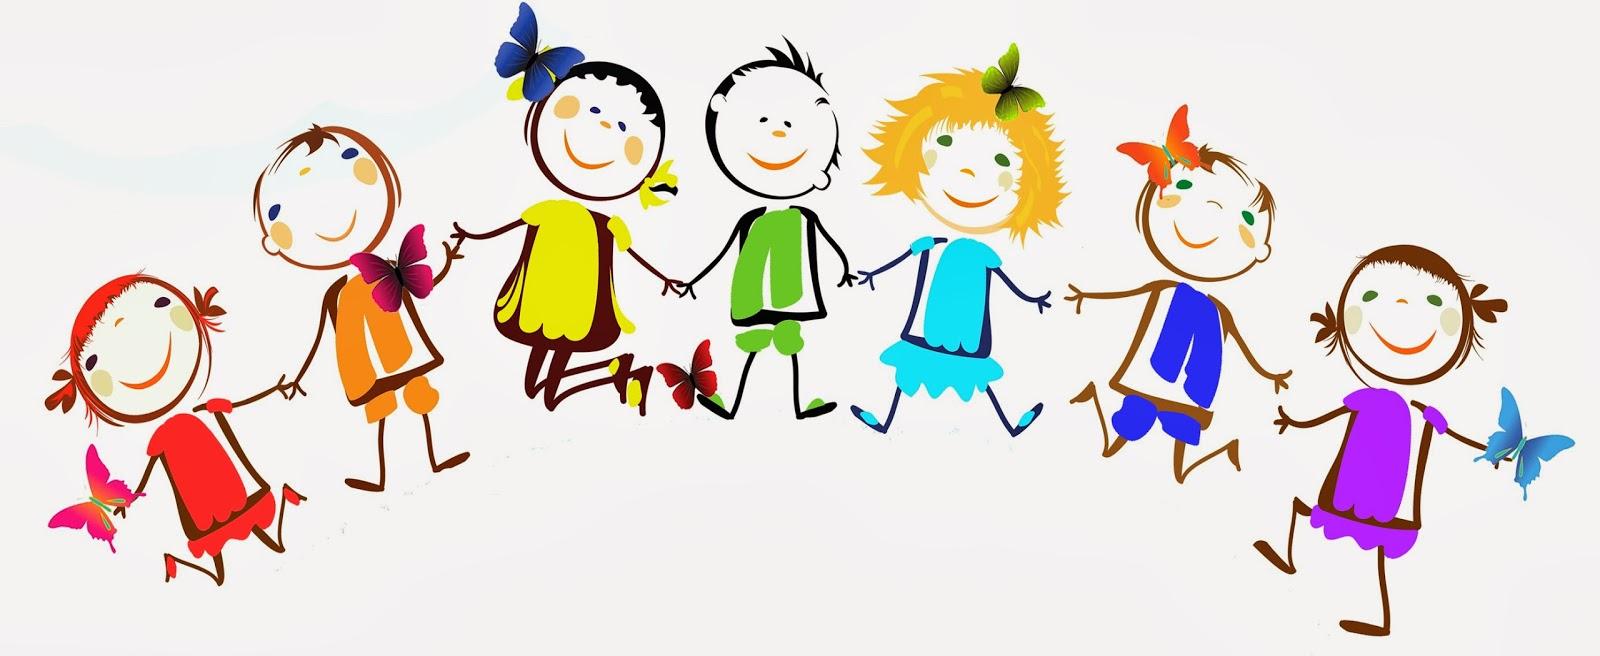 Картинка доброта для детей на прозрачном фоне